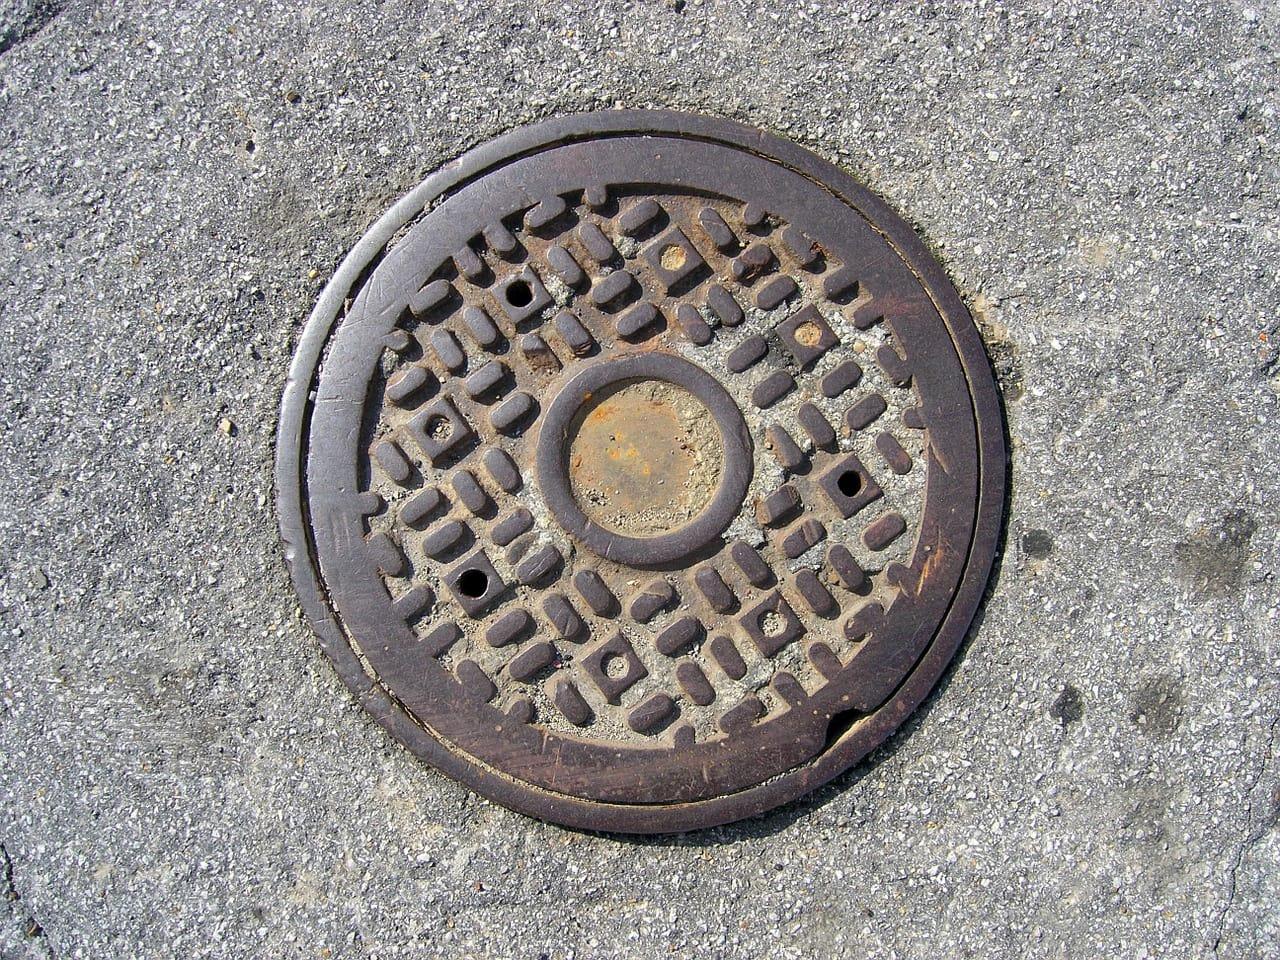 manhole-687817_1280.jpg